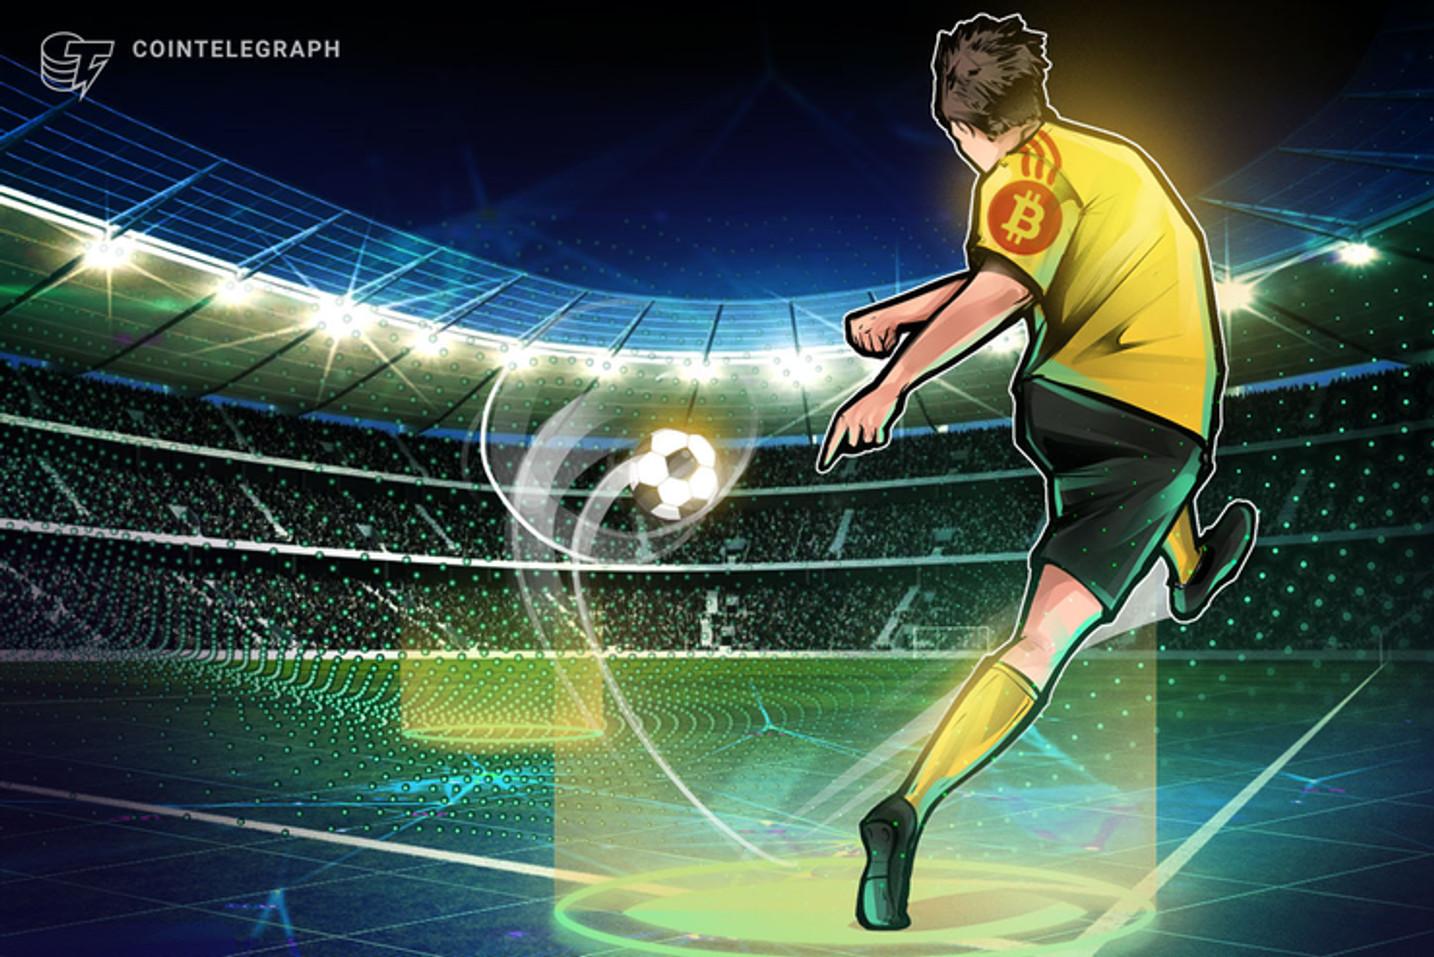 Com Blockchain, Streaming e OTT, fãs do esporte vão 'comer dados' no Brasil, aponta Vice-presidente de Marketing do Vasco